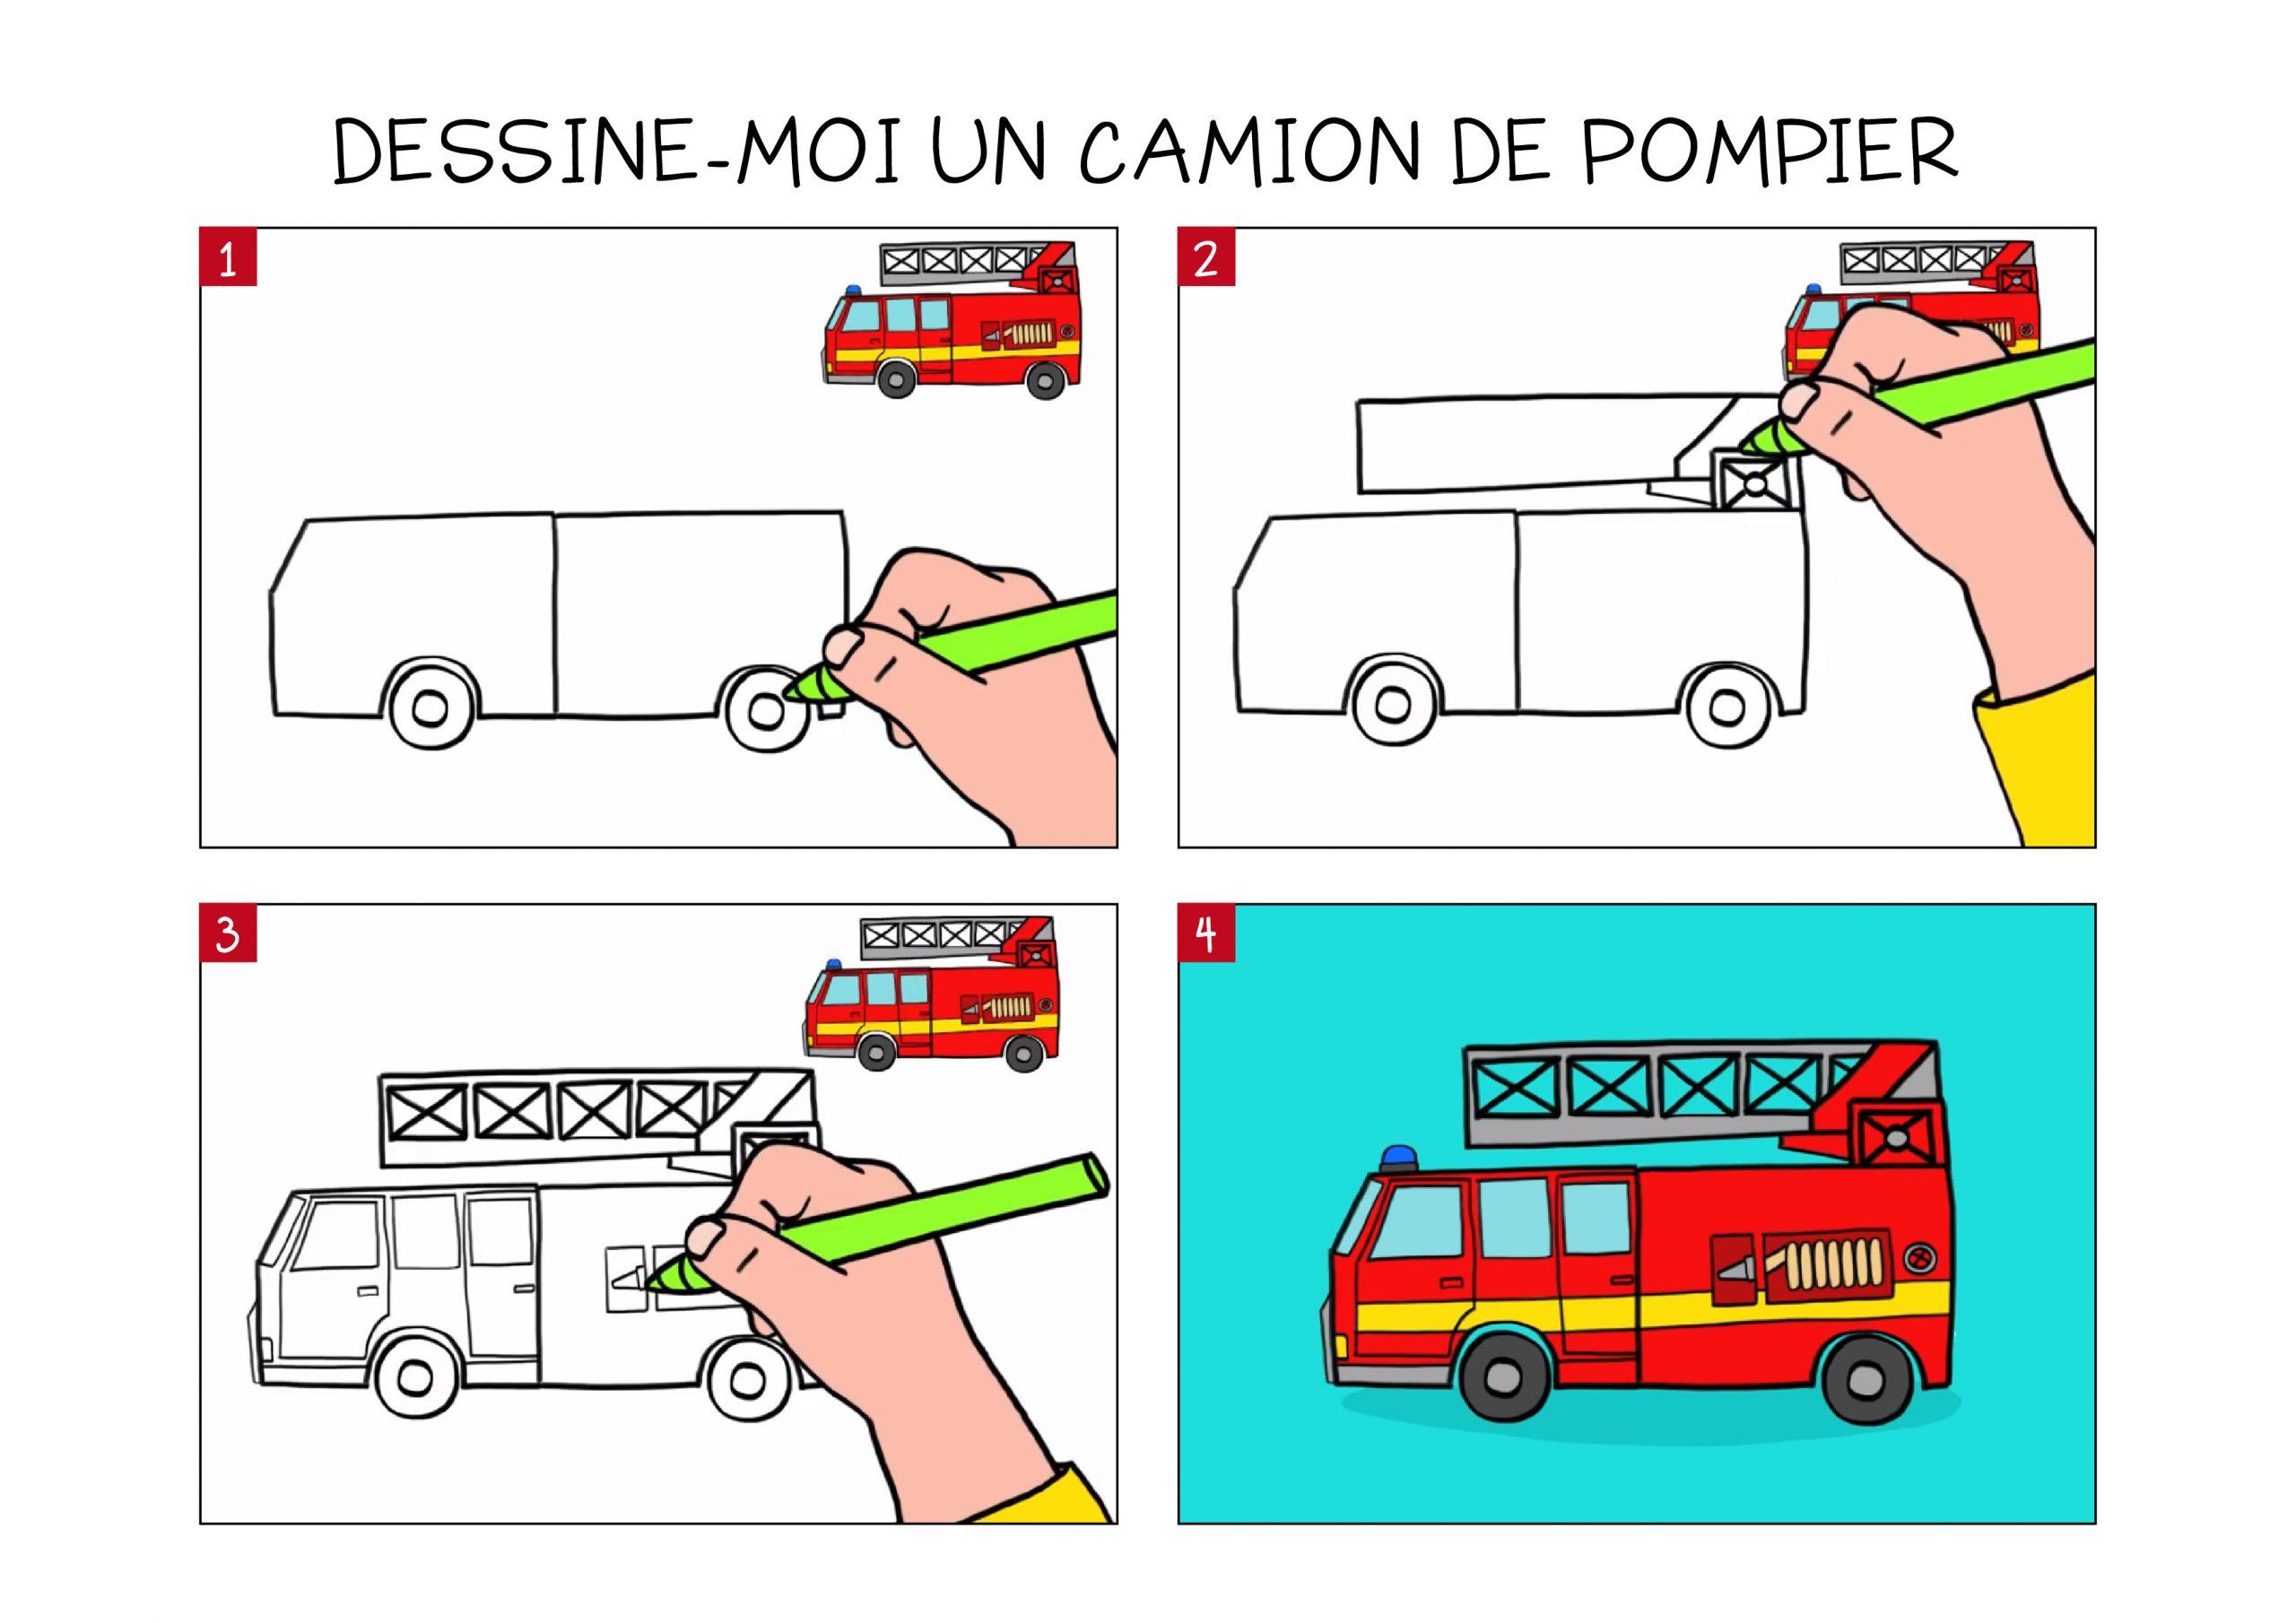 Apprendre À Dessiner Un Camion De Pompier En 3 Étapes intérieur Apprendre A Dessiner Une Voiture